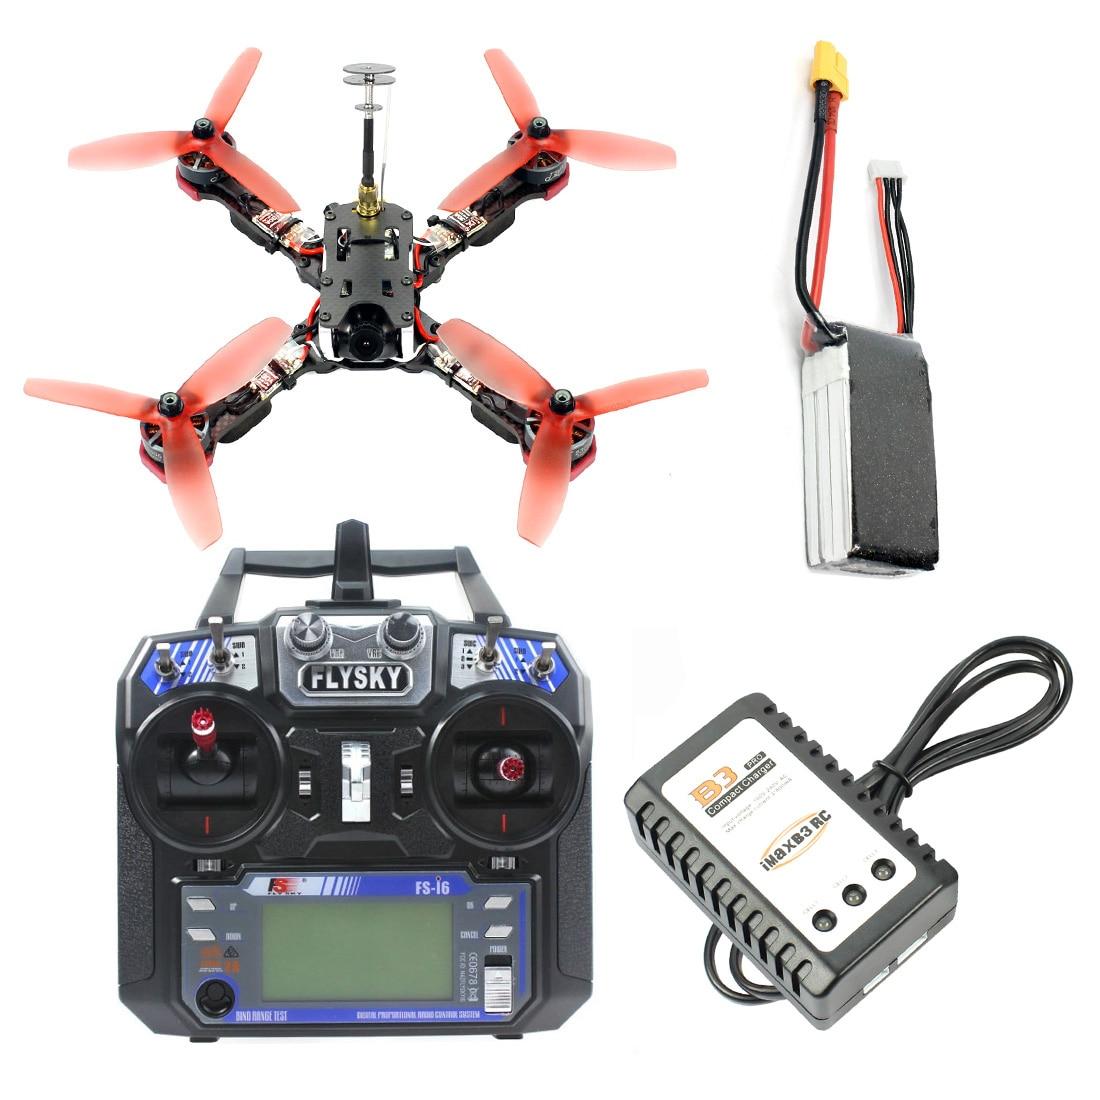 Żaba 218mm 2.4G 6CH RC Racer Drone RTF Betaflight F4 Pro V2 BLHeli s 30A 5.8G 25/200/400mW VTX Mini 700TVL kamery FPV Quadcopter w Helikoptery RC od Zabawki i hobby na  Grupa 2